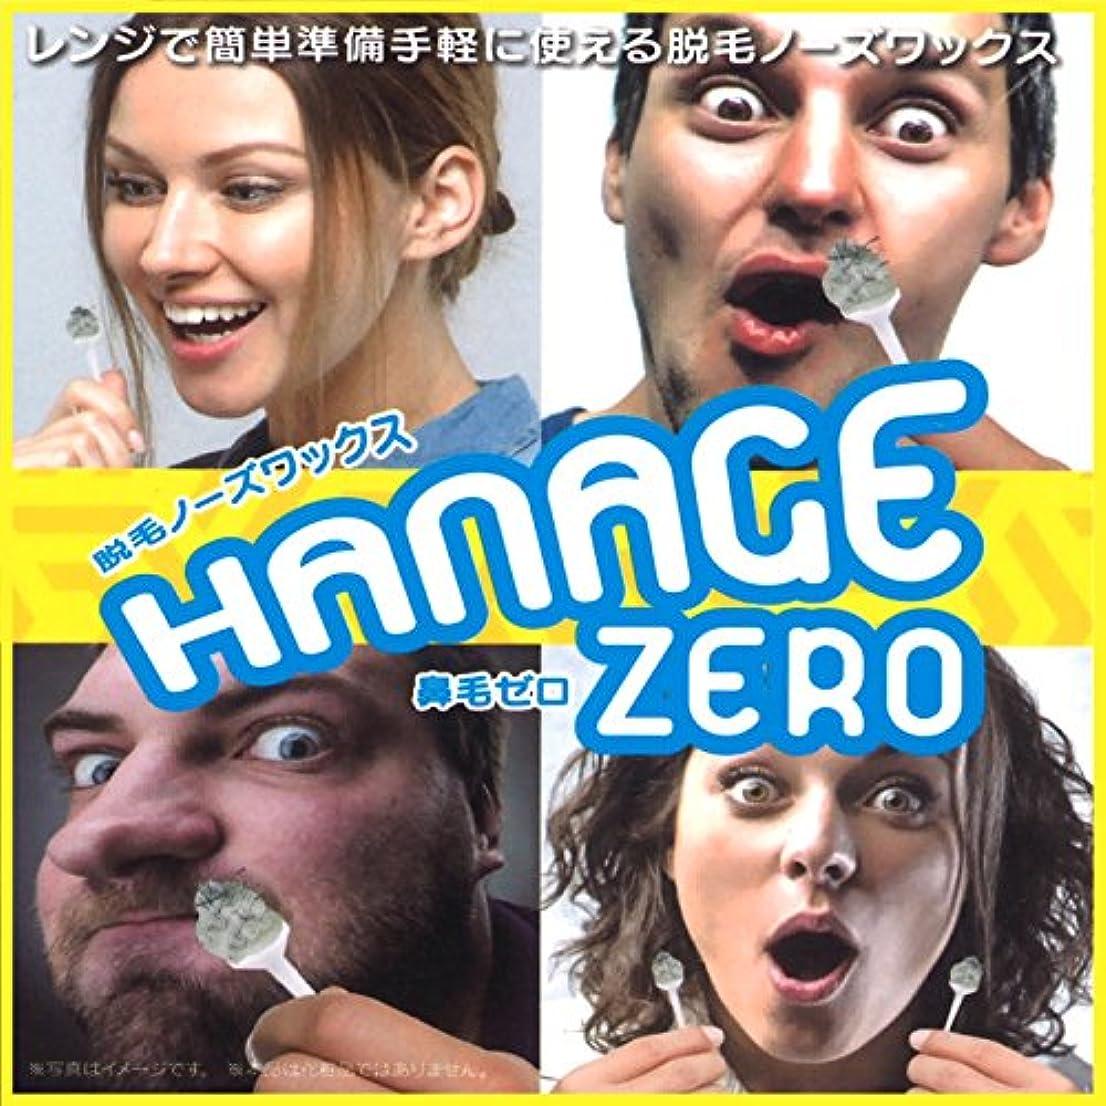 キャリッジ購入繁雑お得セット 脱毛ノーズワックス HANAGE ZERO 鼻毛ゼロ 両鼻穴 10回分 (6)